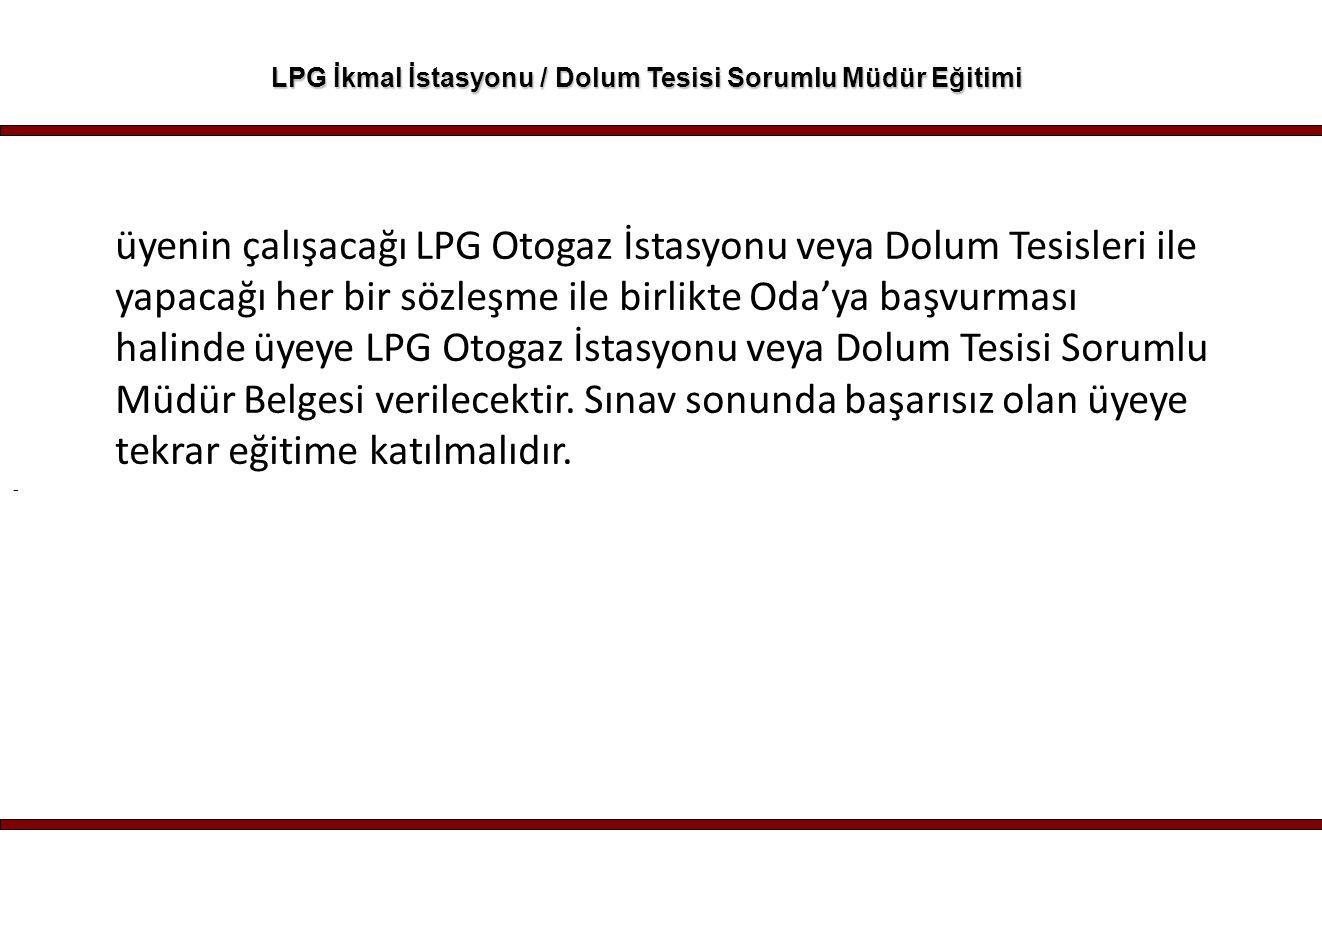 - LPG İkmal İstasyonu / Dolum Tesisi Sorumlu Müdür Eğitimi üyenin çalışacağı LPG Otogaz İstasyonu veya Dolum Tesisleri ile yapacağı her bir sözleşme i